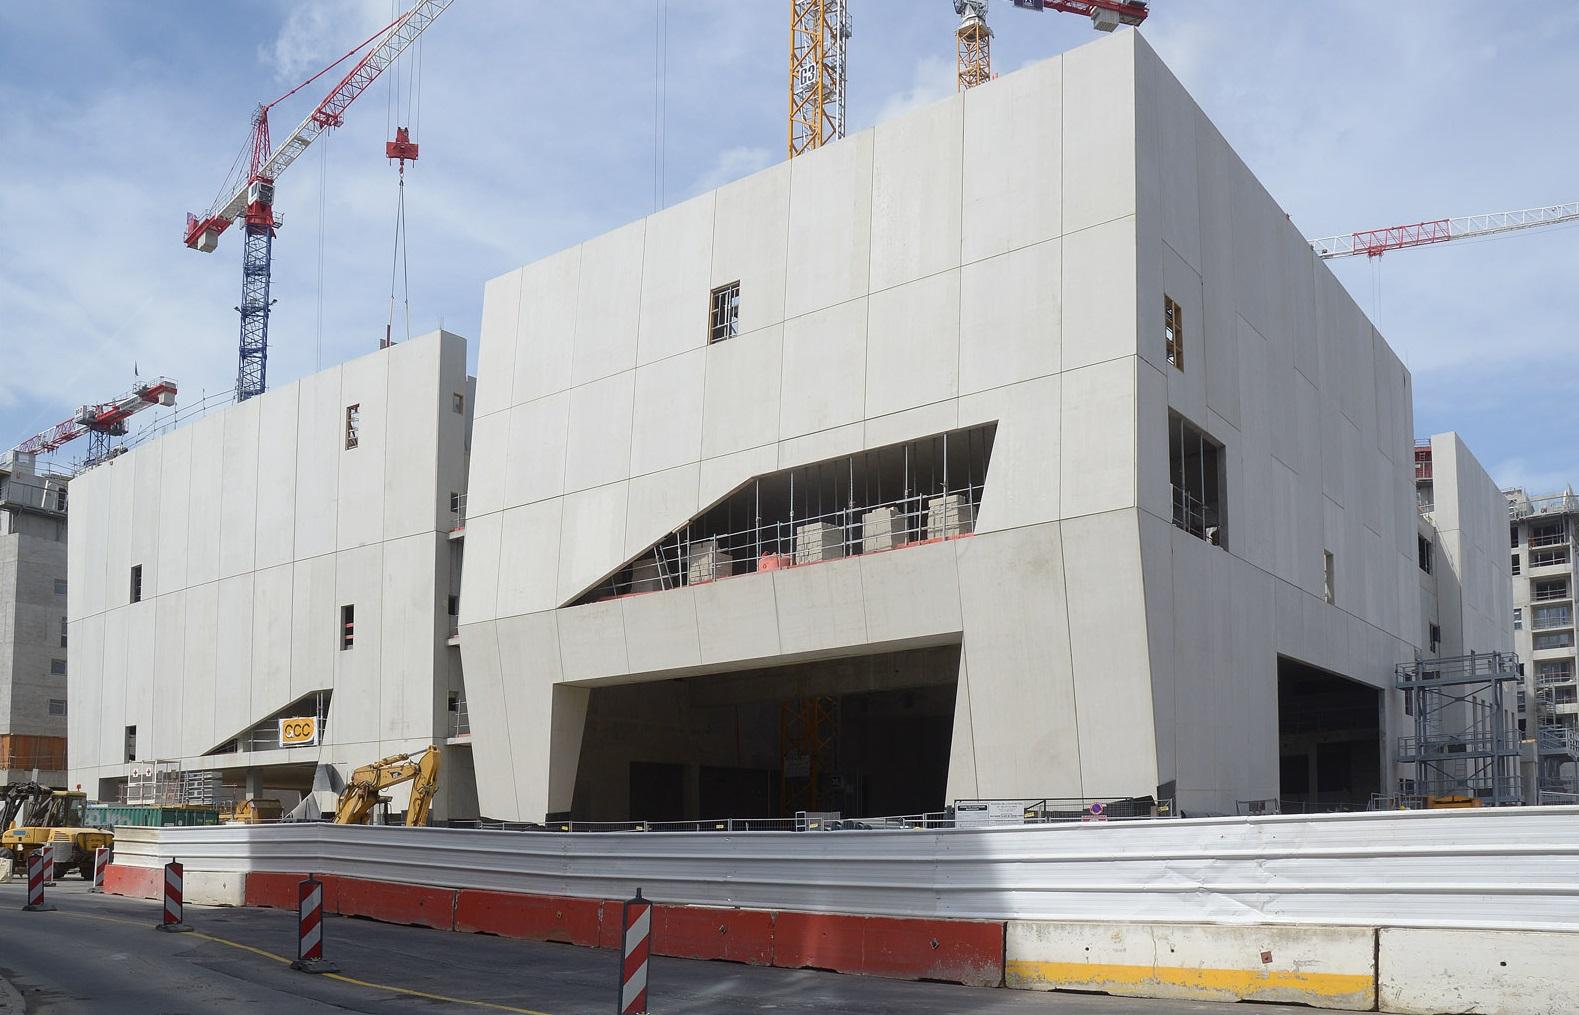 Centre de conférence et cinéma - Pathé Massy-1